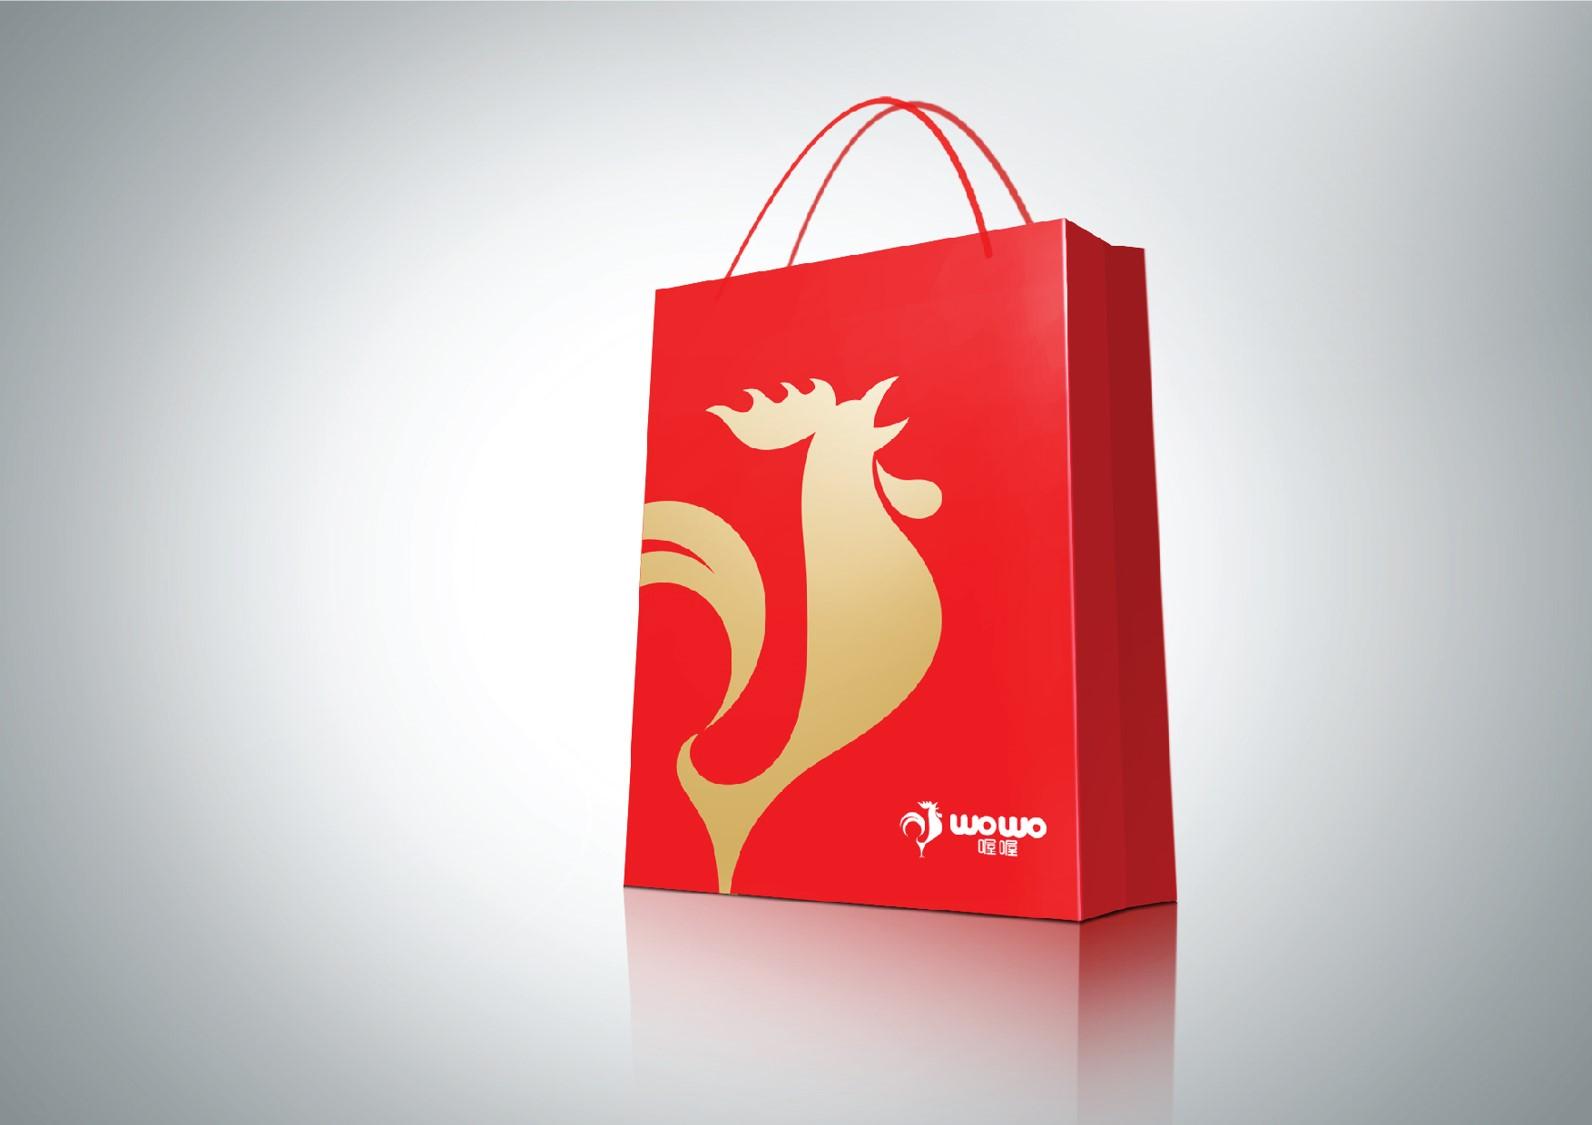 品牌形象策划公司教你如何让上海吉祥物设计发挥作用